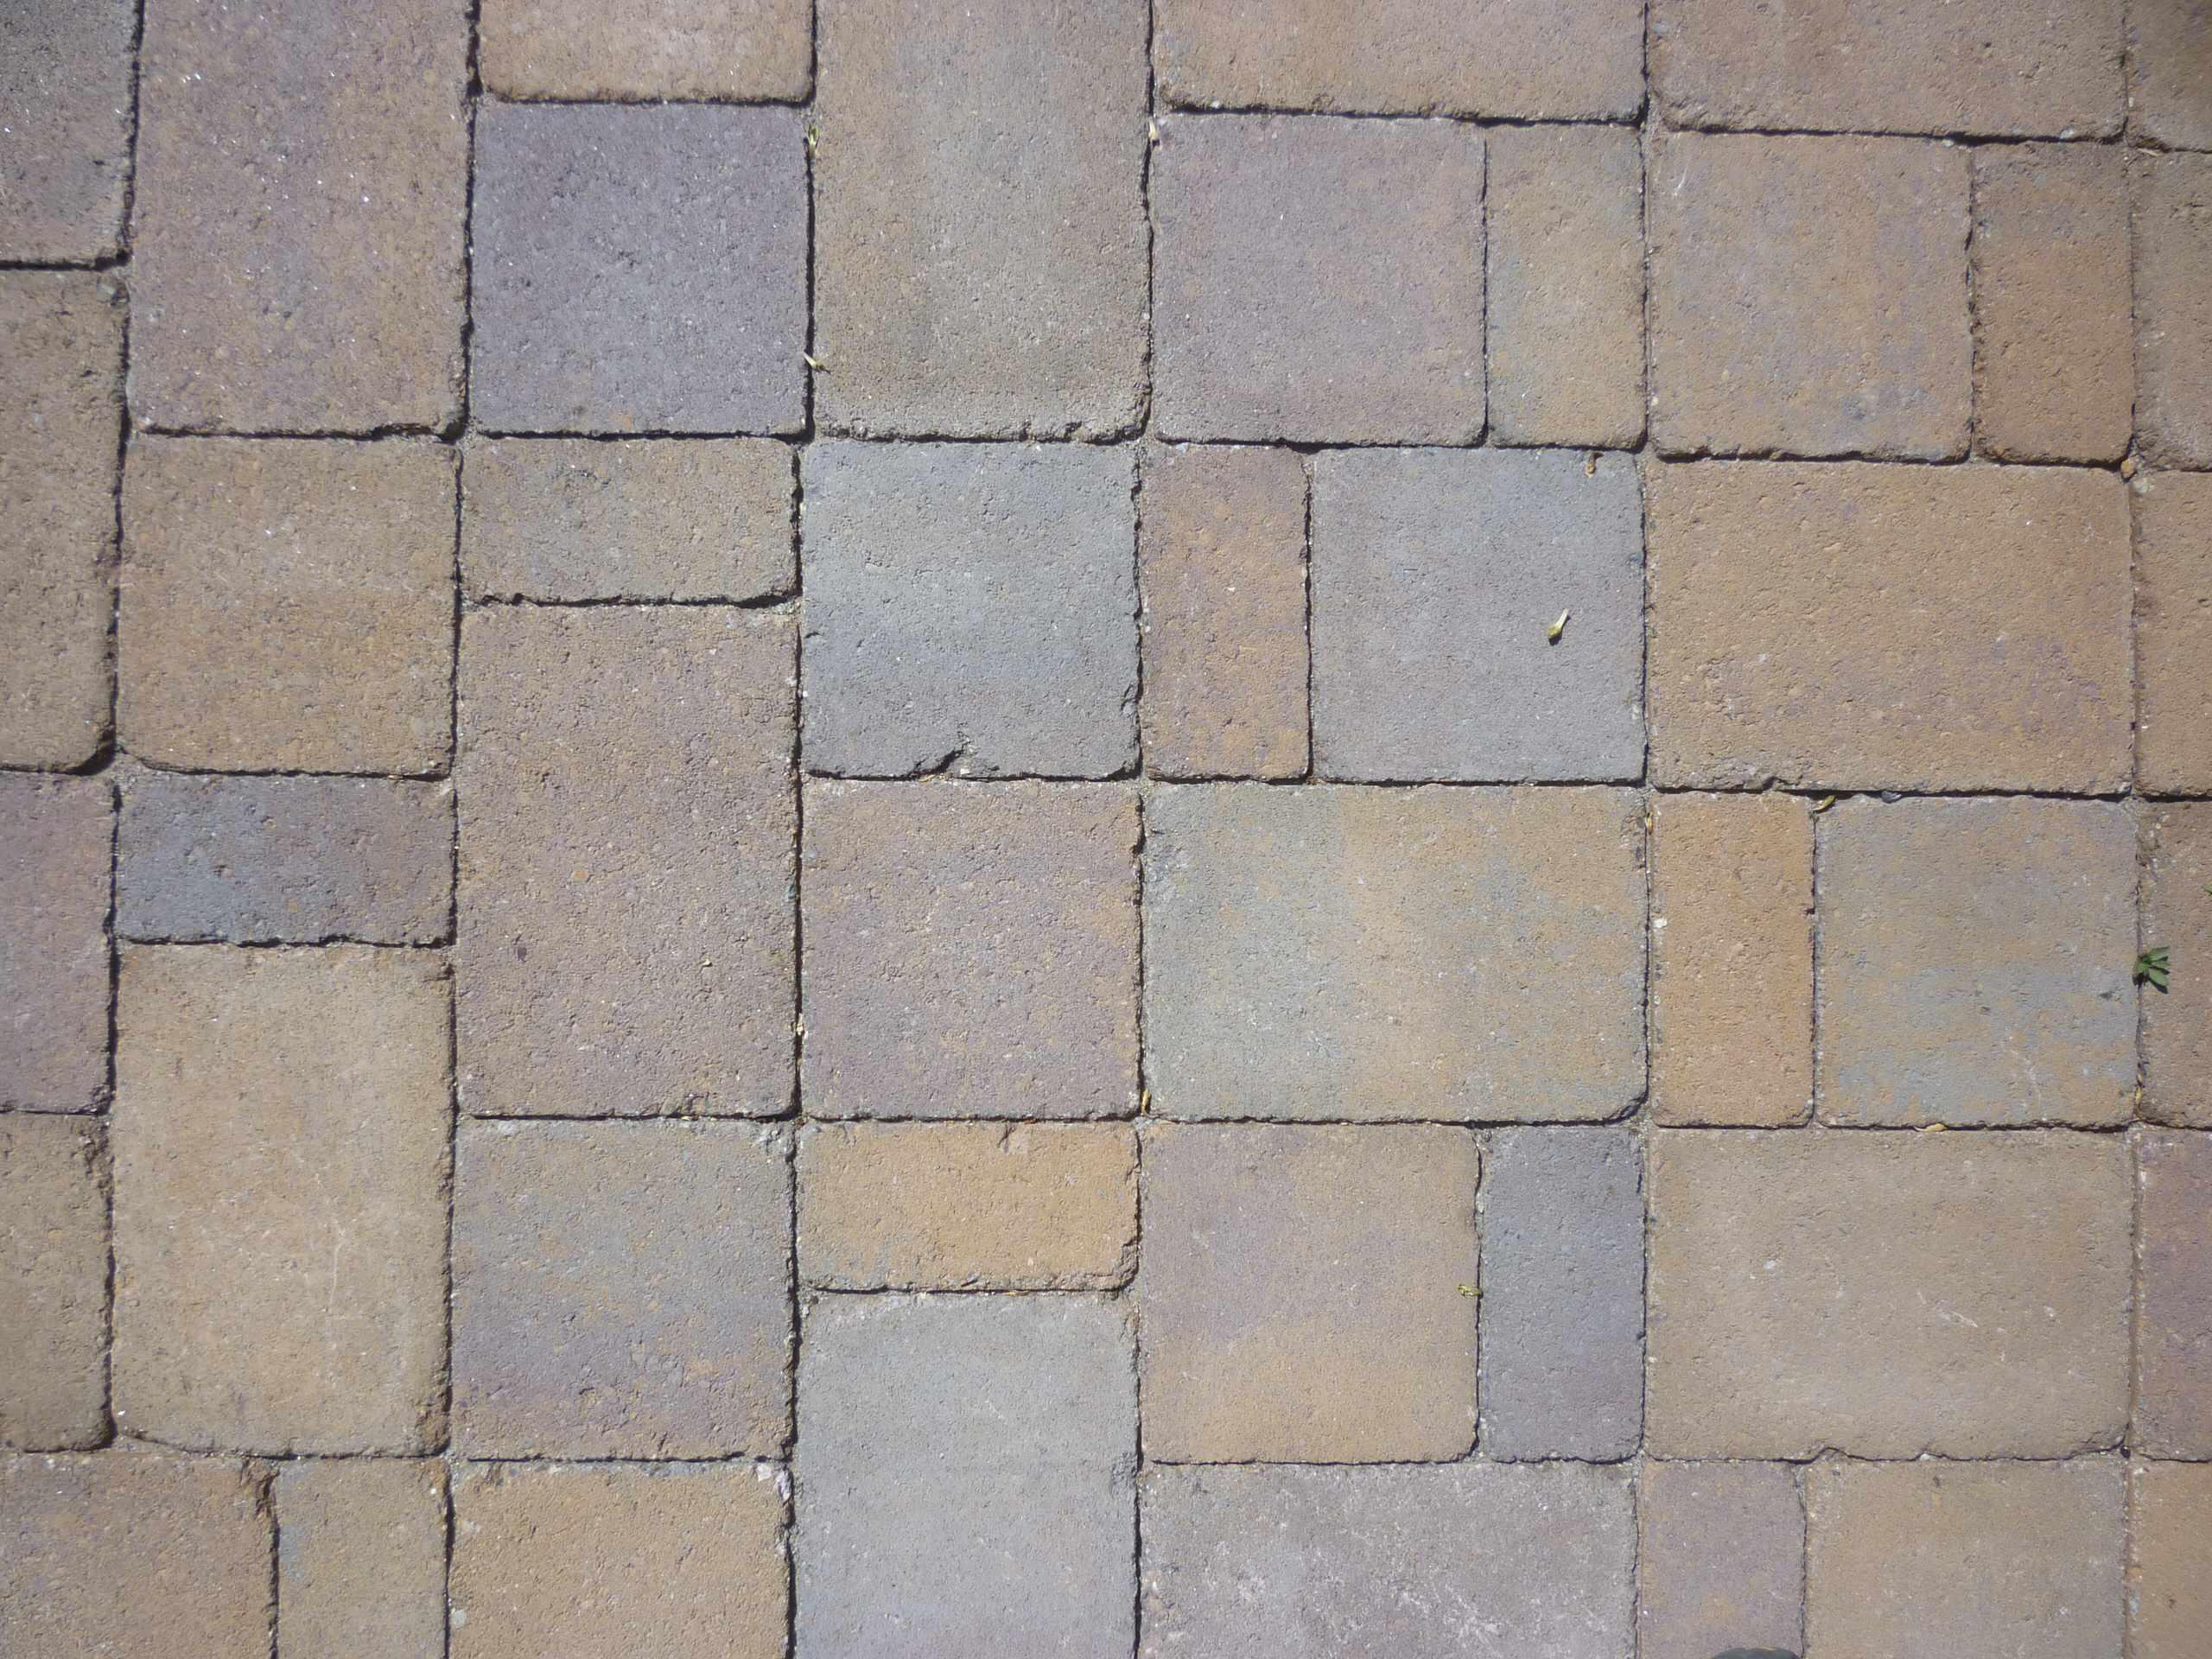 Belgard Dublin Cobble - Toscana Blend